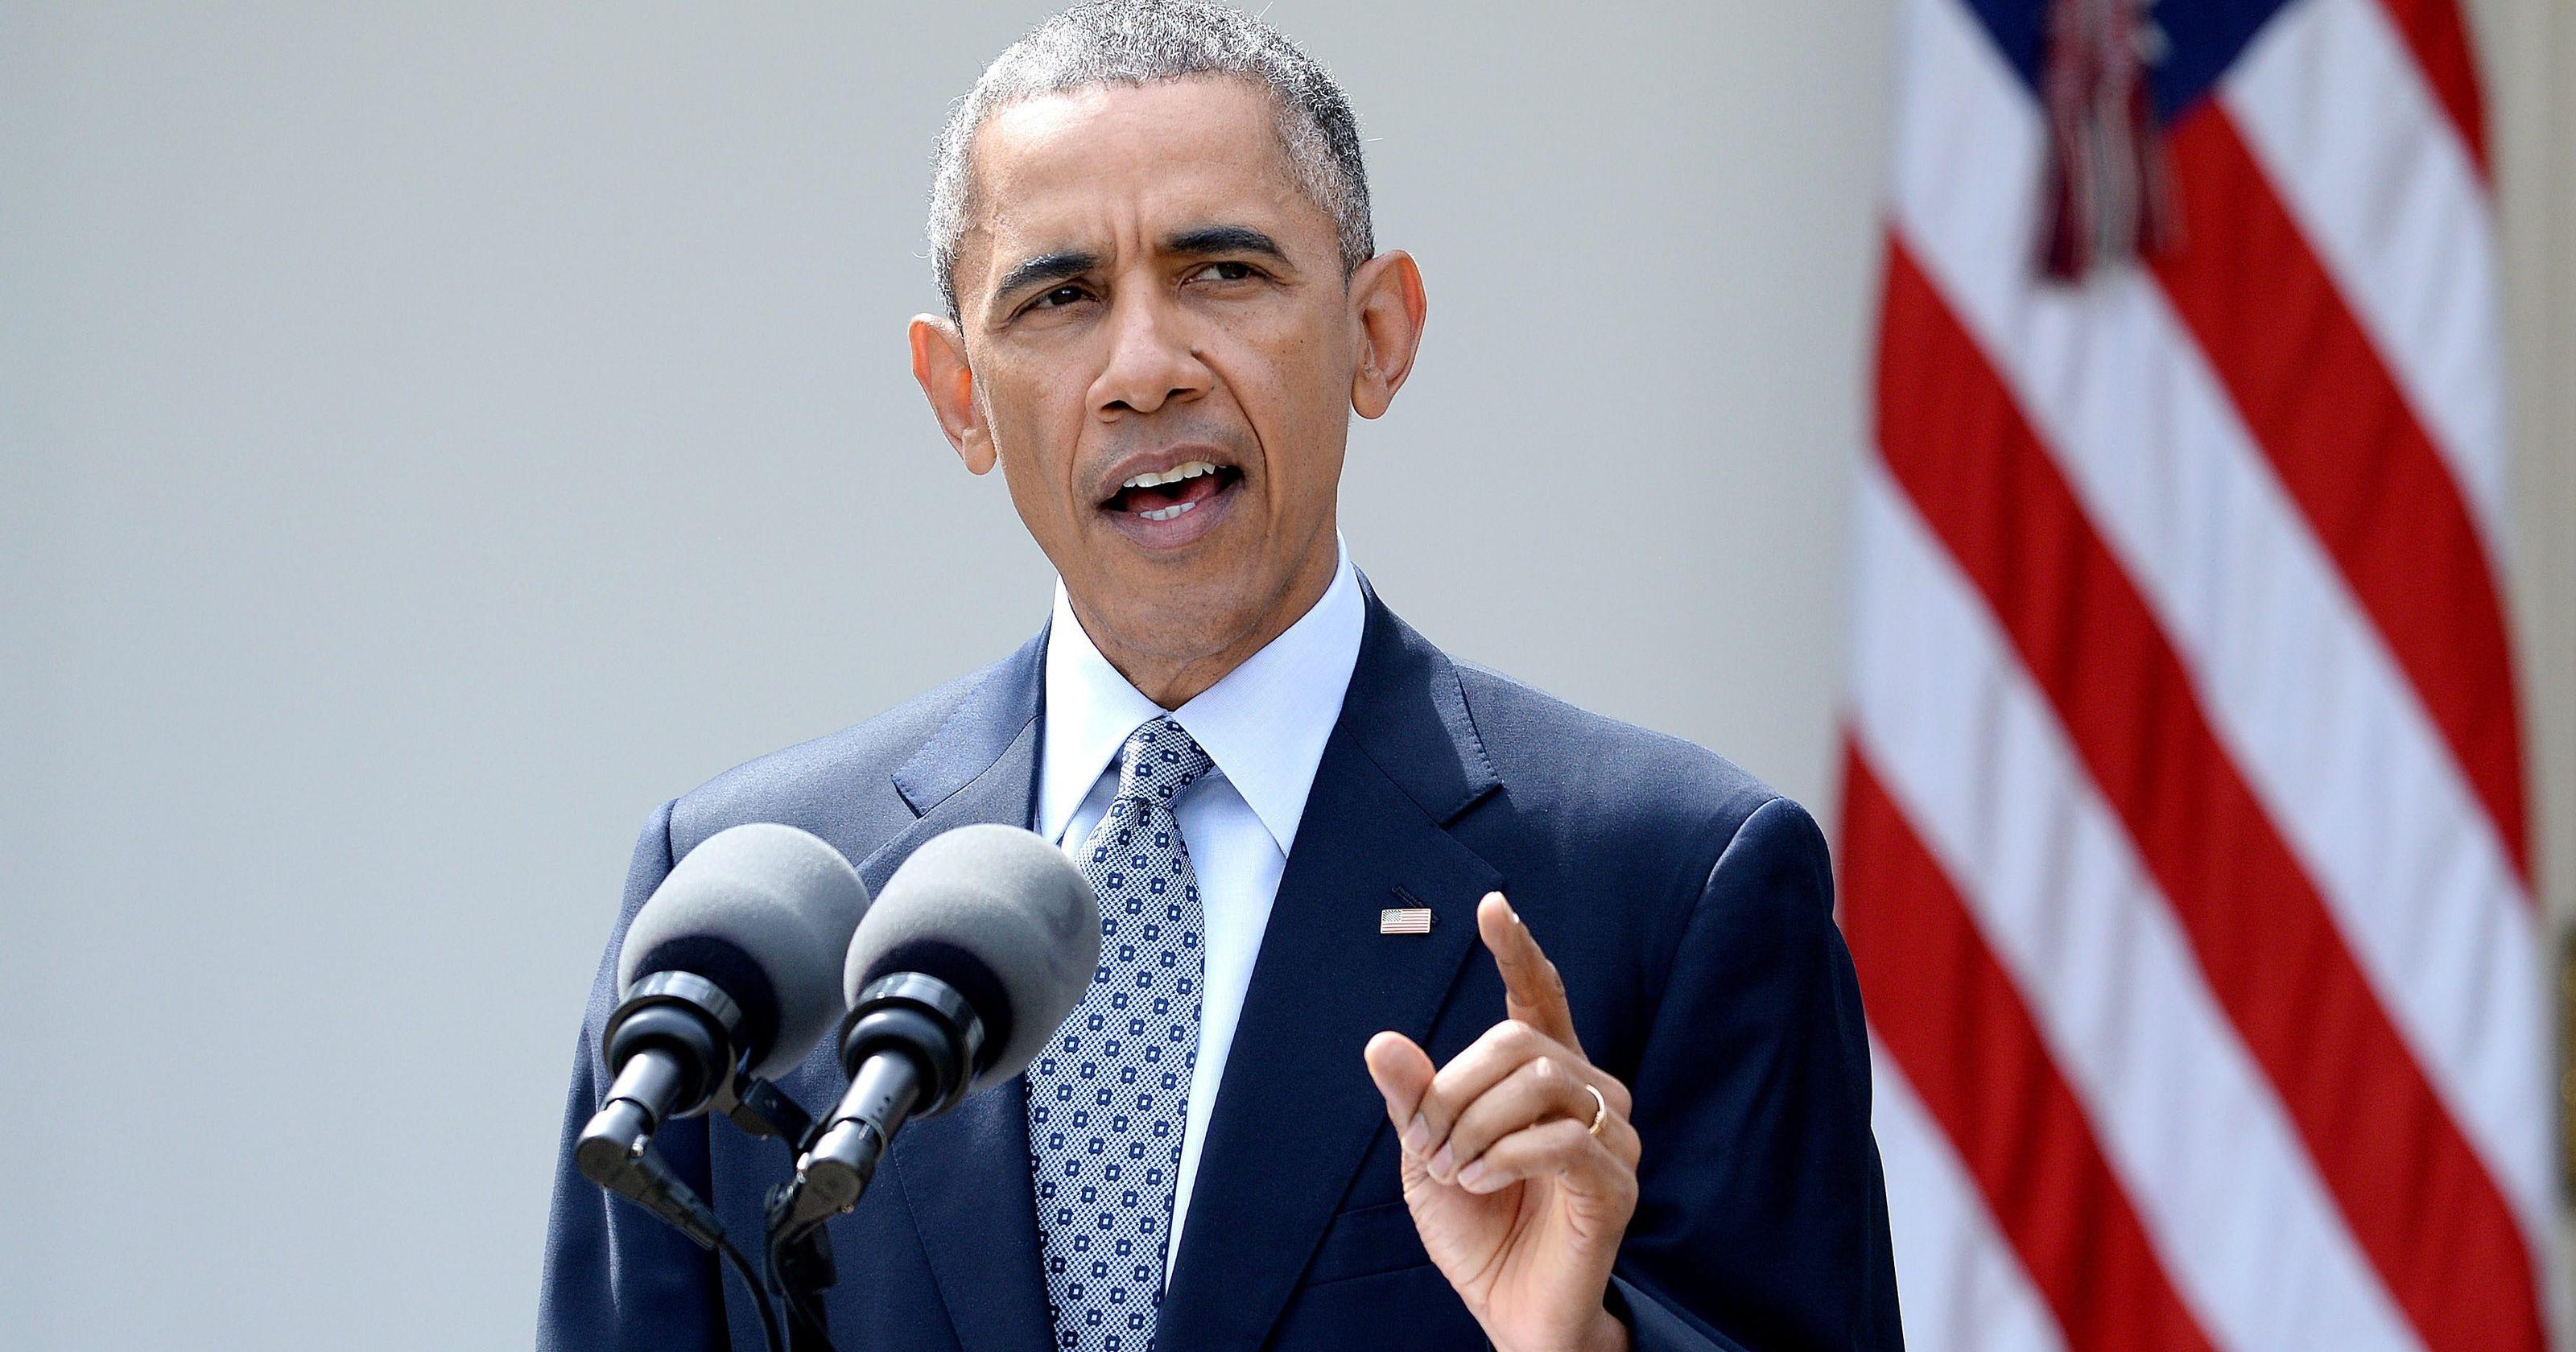 Obama anunciará plan para mayores controles a las armas de fuego